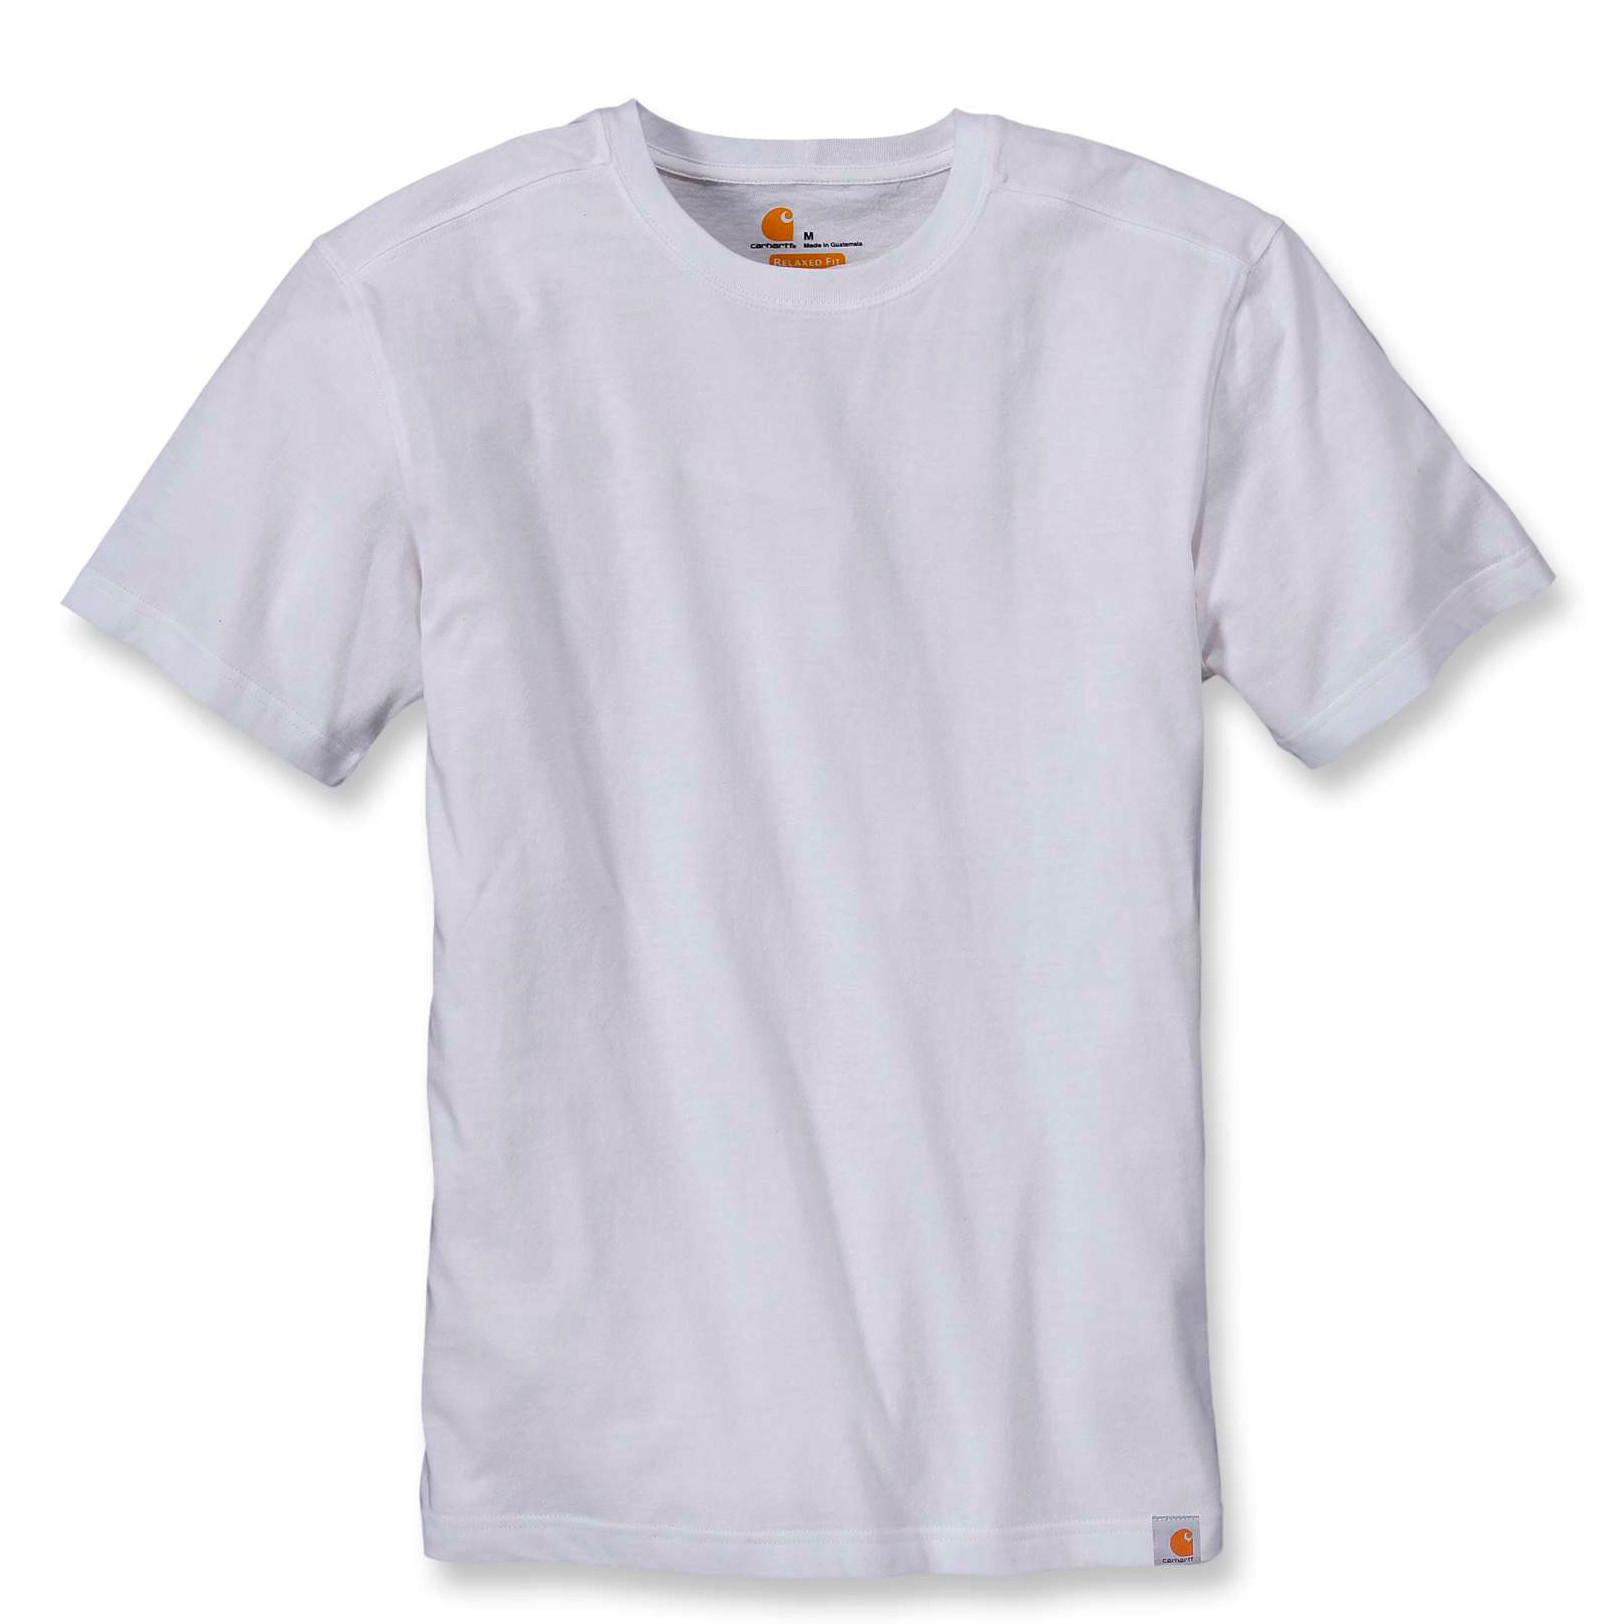 Футболка Carhartt Maddock T-Shirt S/S - 101124 (White, M)